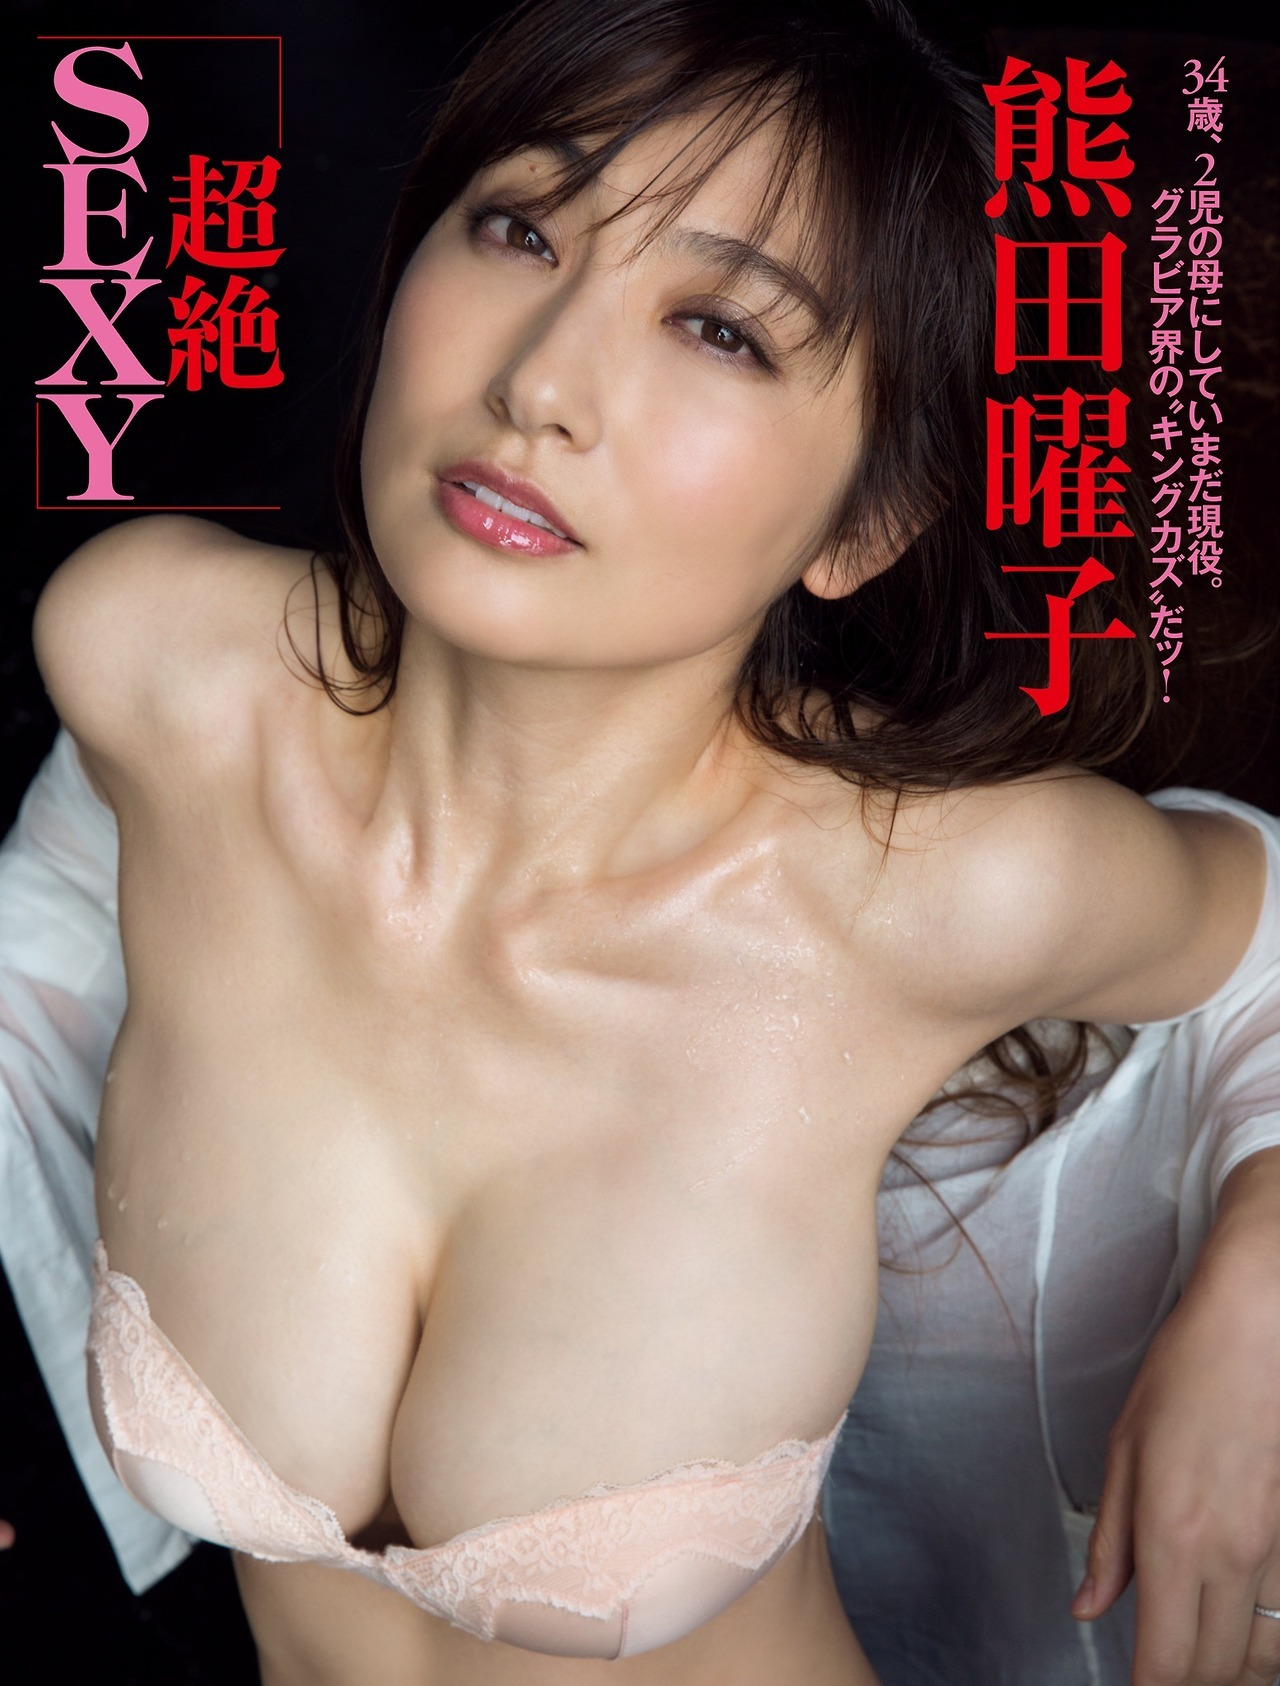 kumada_yoko171.jpg